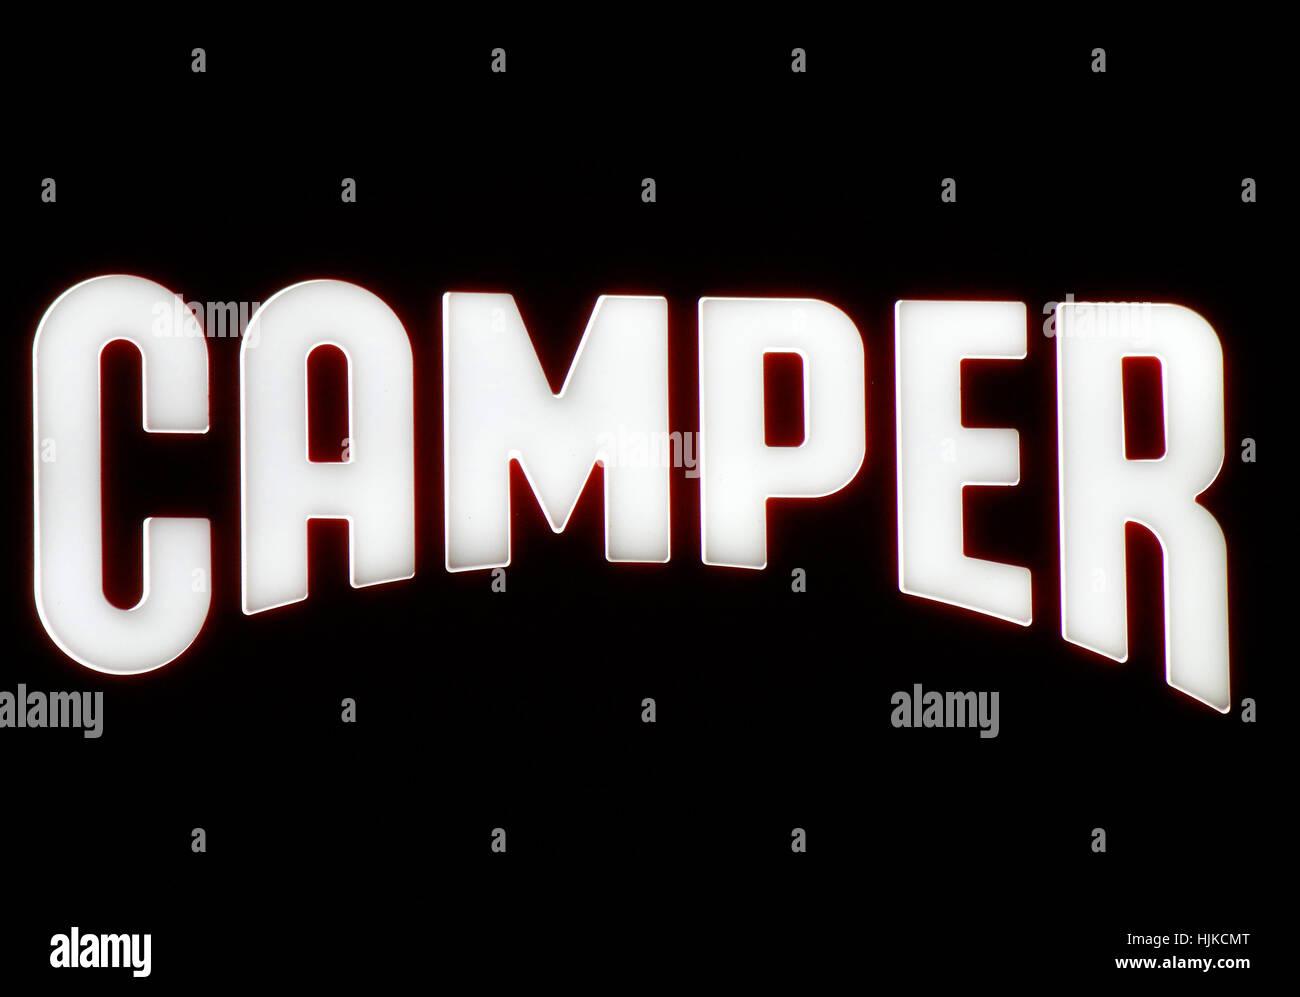 das Logo der Marke 'Camper', Berlin. - Stock Image